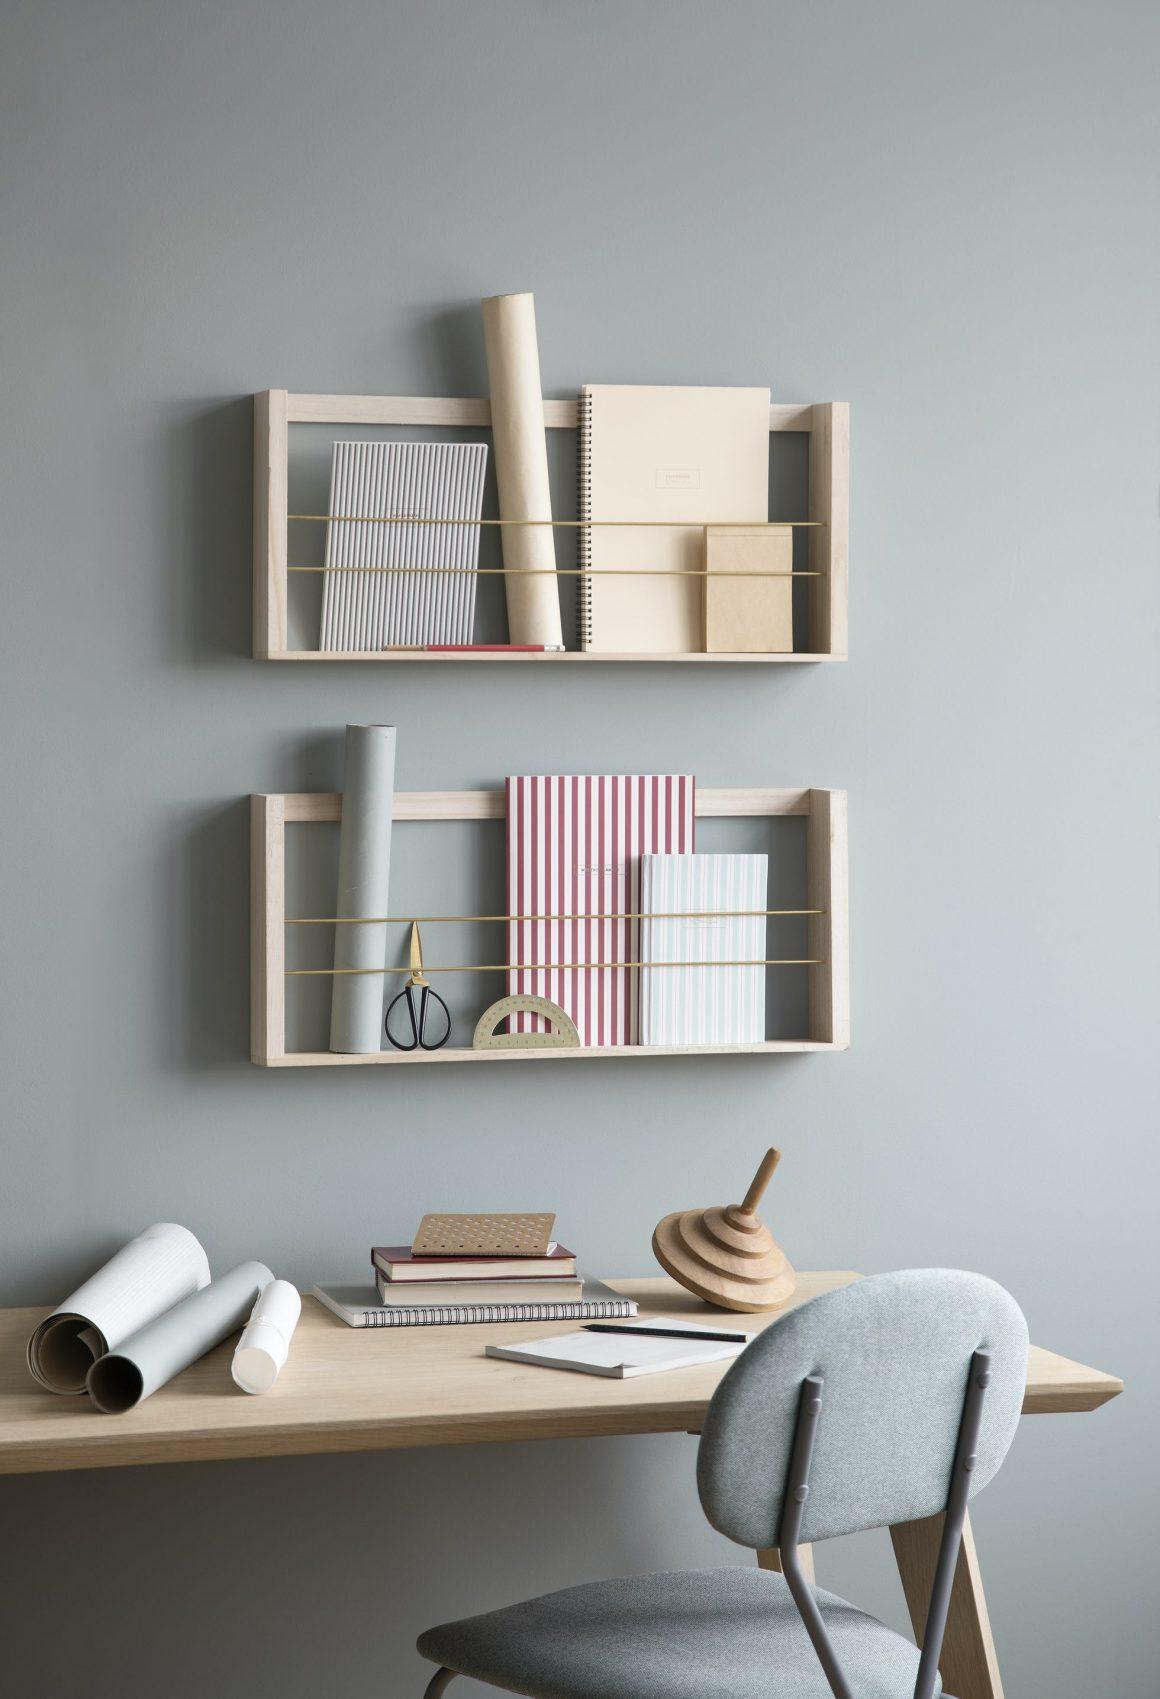 portes documents DIY en bois accrochés sur un mur couleur pastel pour ranger des documents et des objets déco